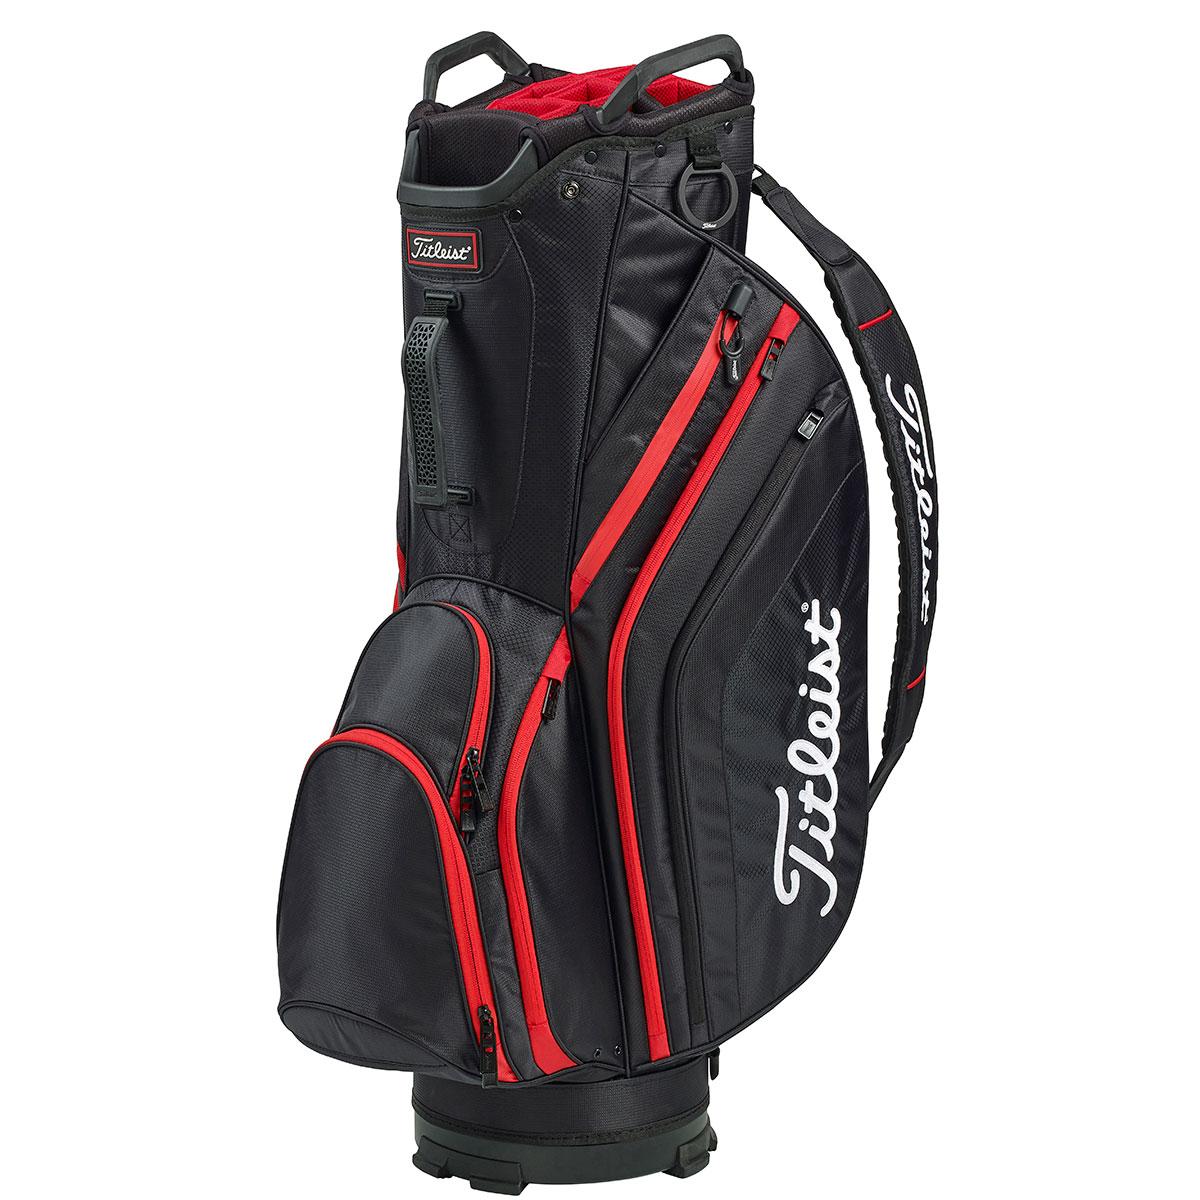 5b643fe4fa Titleist Lightweight Cart Bag from american golf